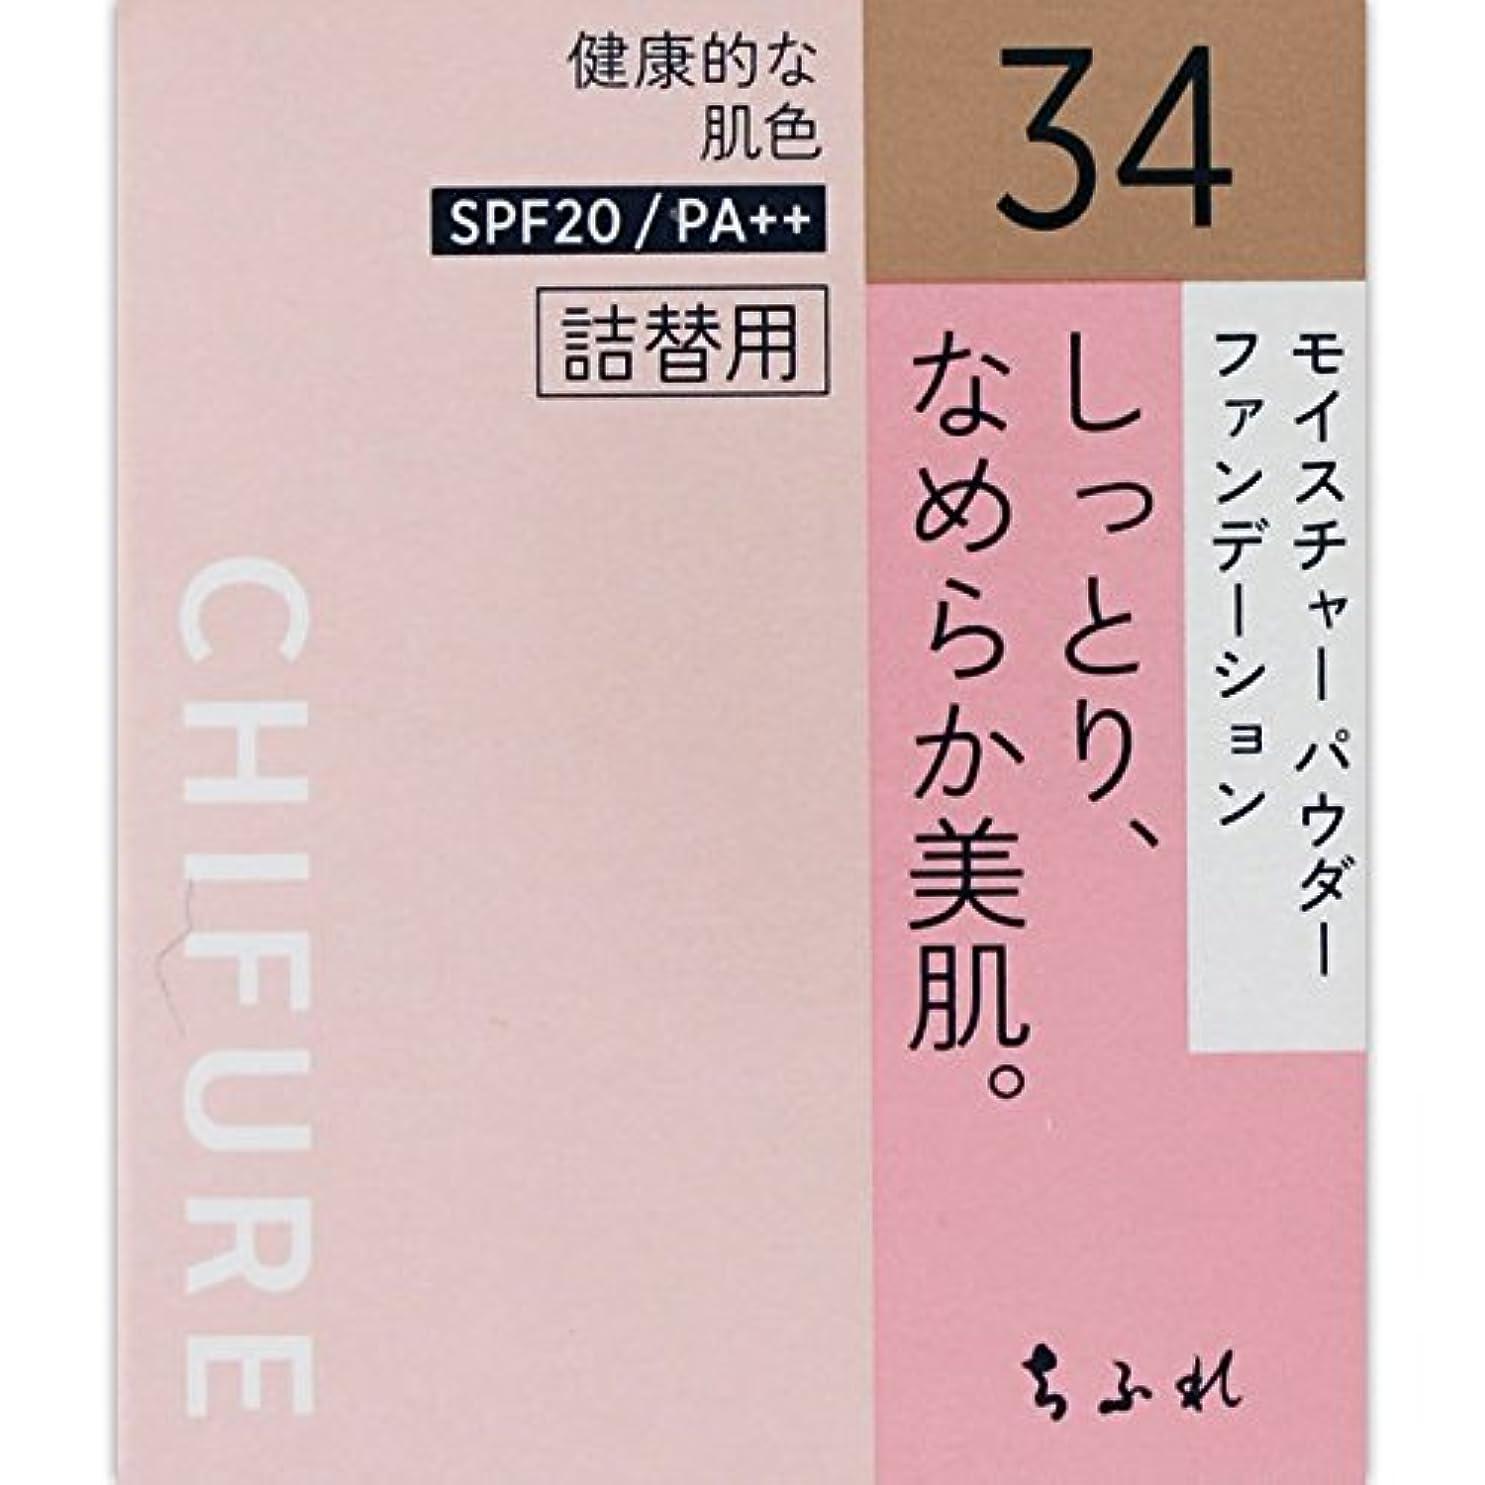 鏡薄いですしみちふれ化粧品 モイスチャー パウダーファンデーション 詰替用 オークル系 MパウダーFD詰替用34